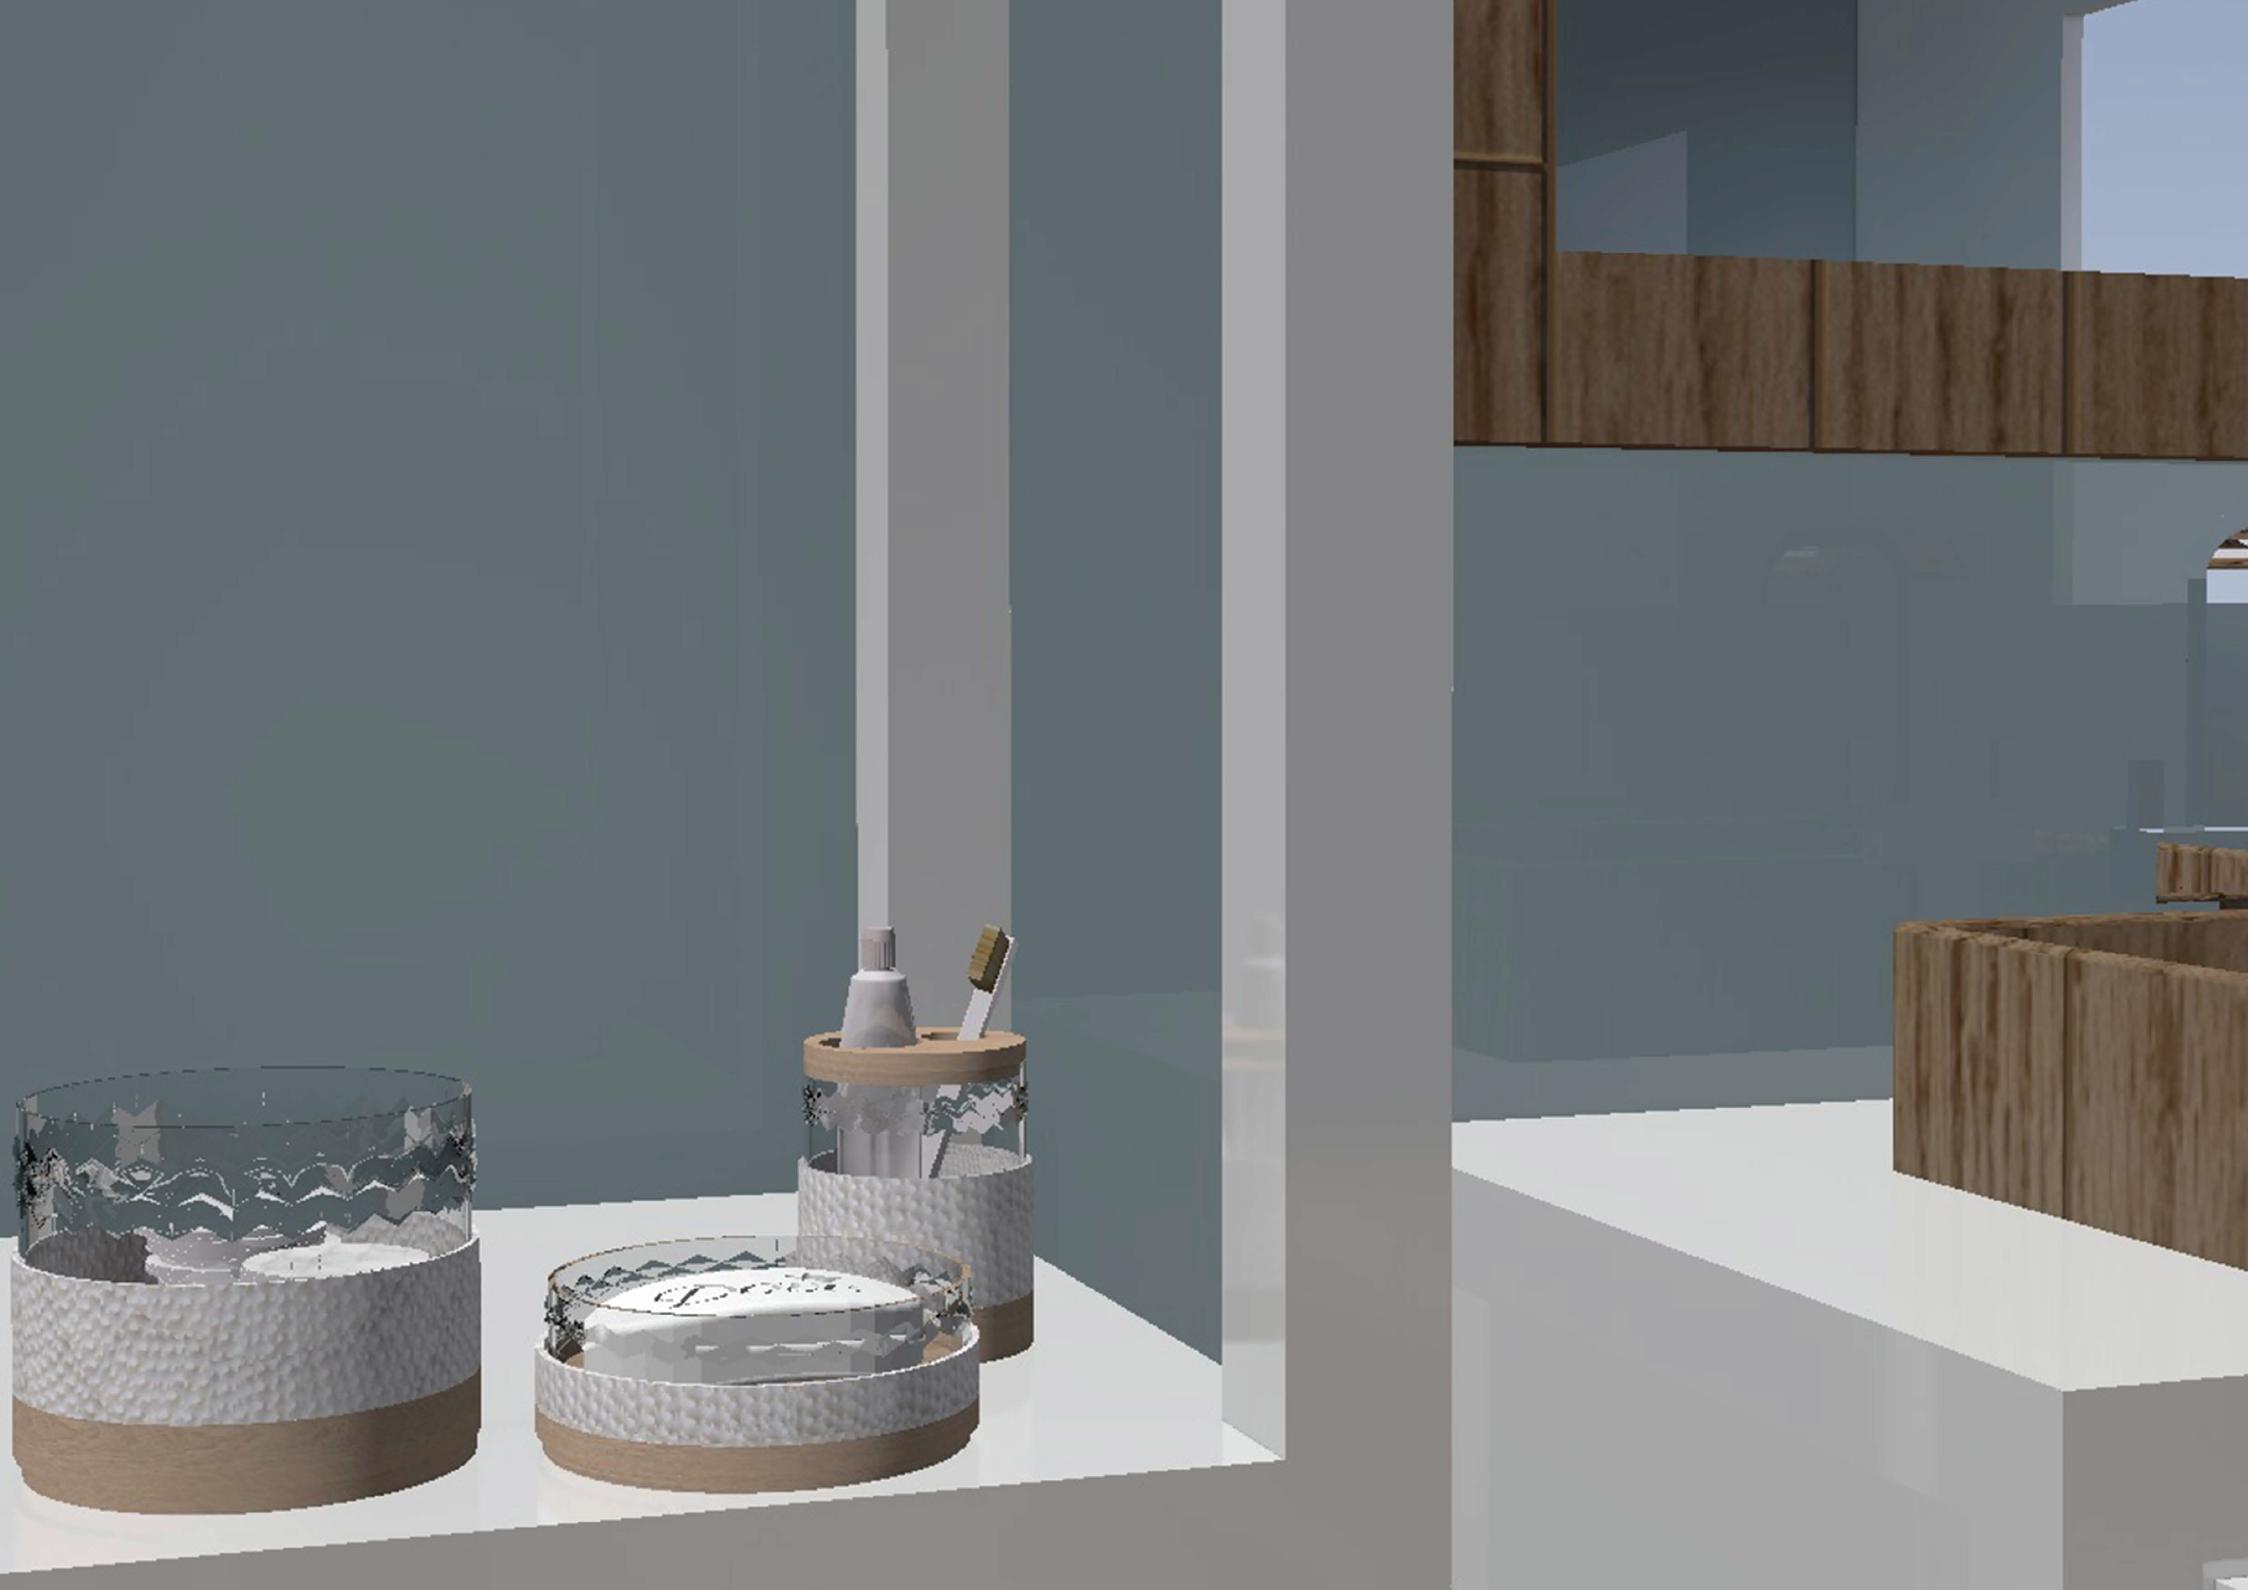 Design objet mon cocon vue sdb l'Atelier d'Elisa